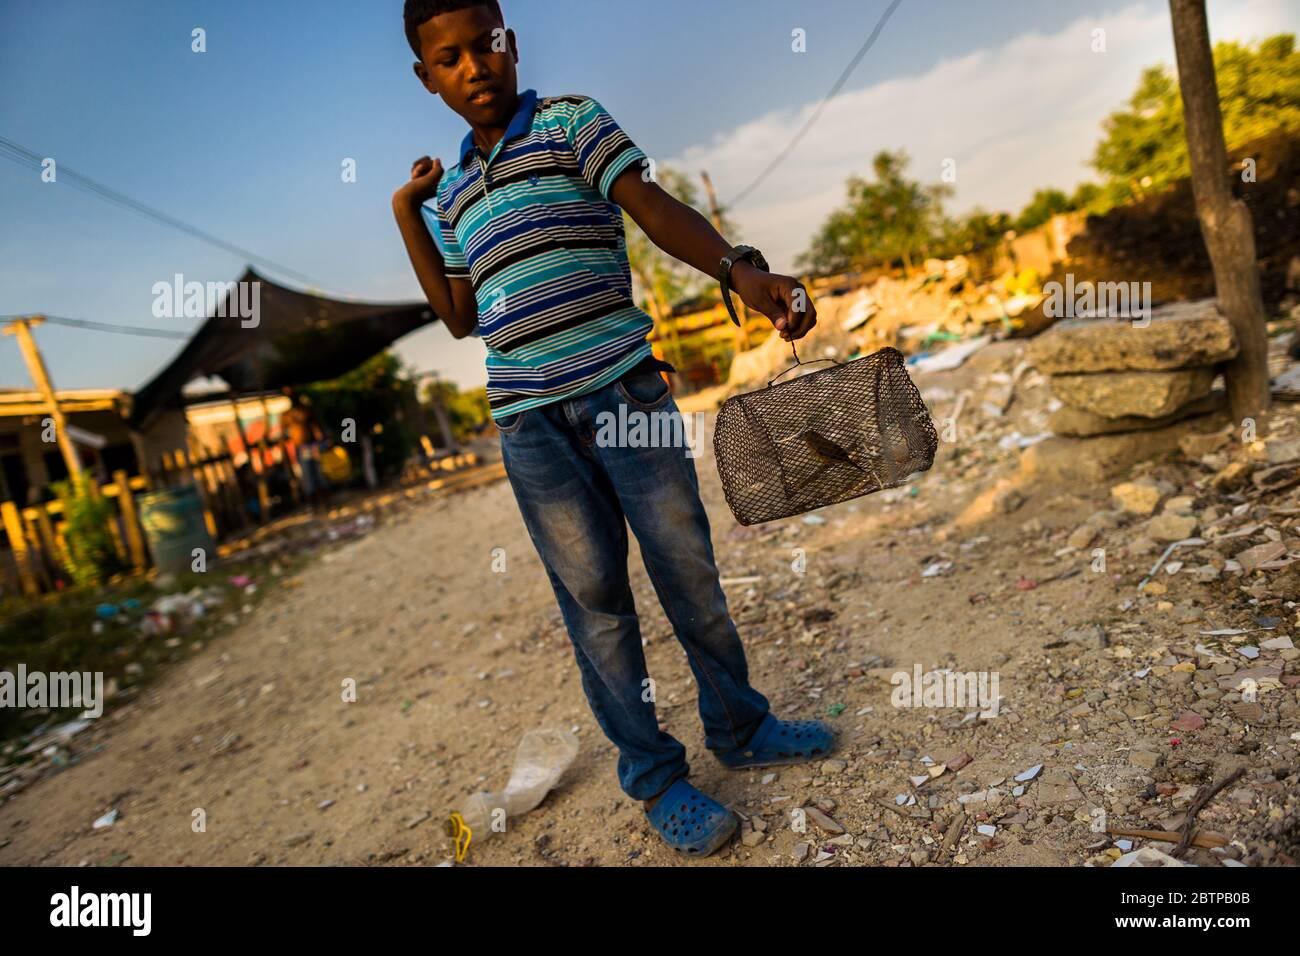 Un garçon colombien porte une petite cage à oiseaux, avec un canari sauvage à l'intérieur, dans le quartier Olaya Herrera à Cartagena, en Colombie. Banque D'Images